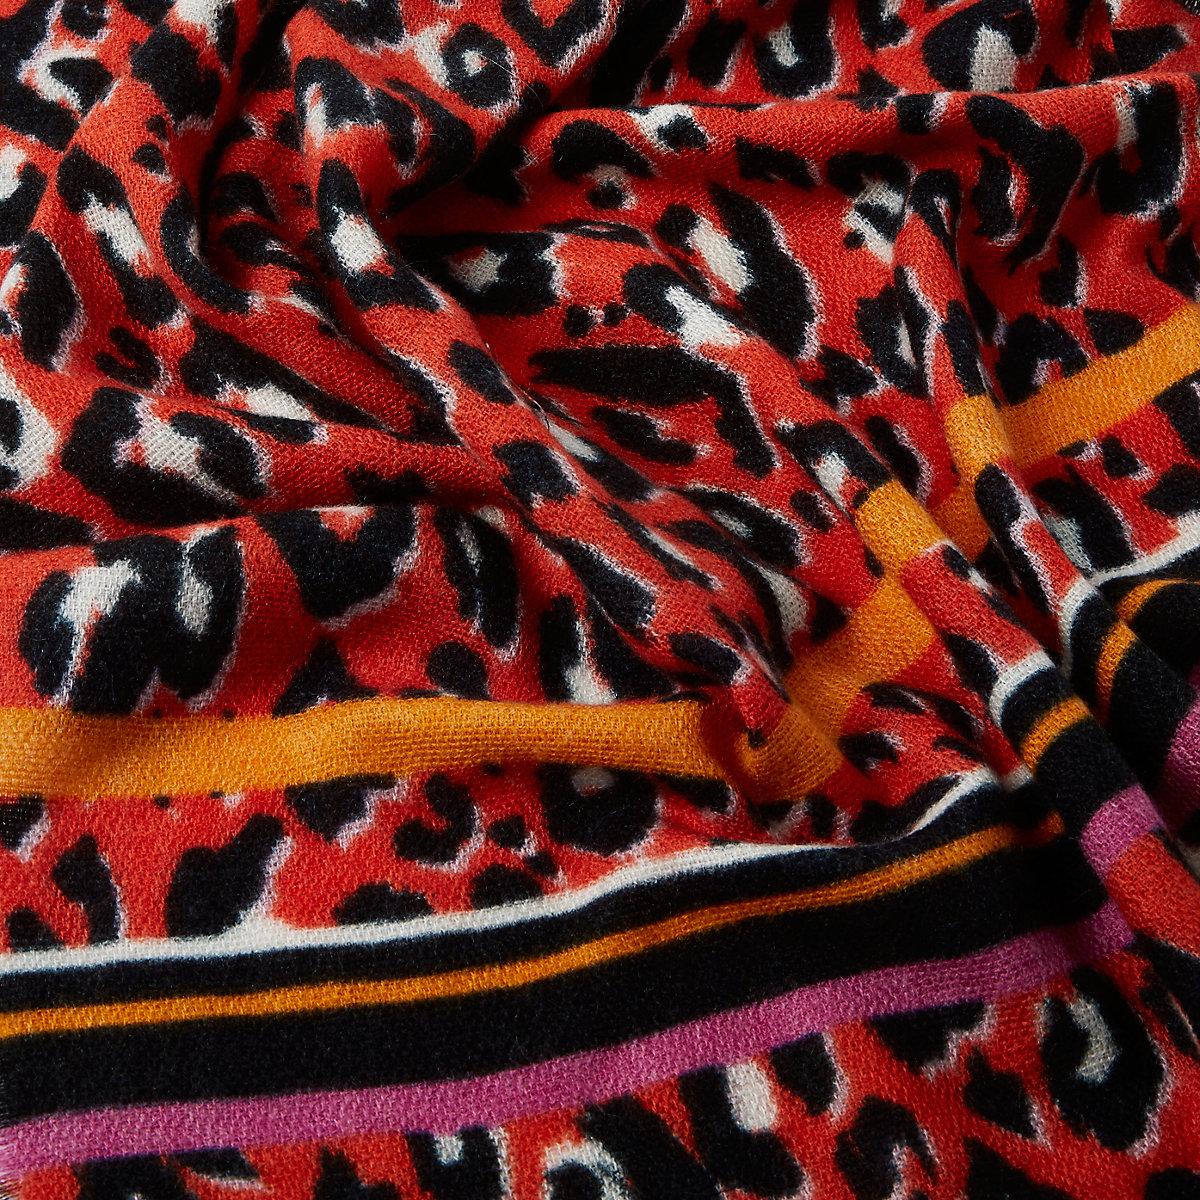 Écharpe imprimé léopard rouge - Écharpes - Accessoires - Femme aab7db69f6f